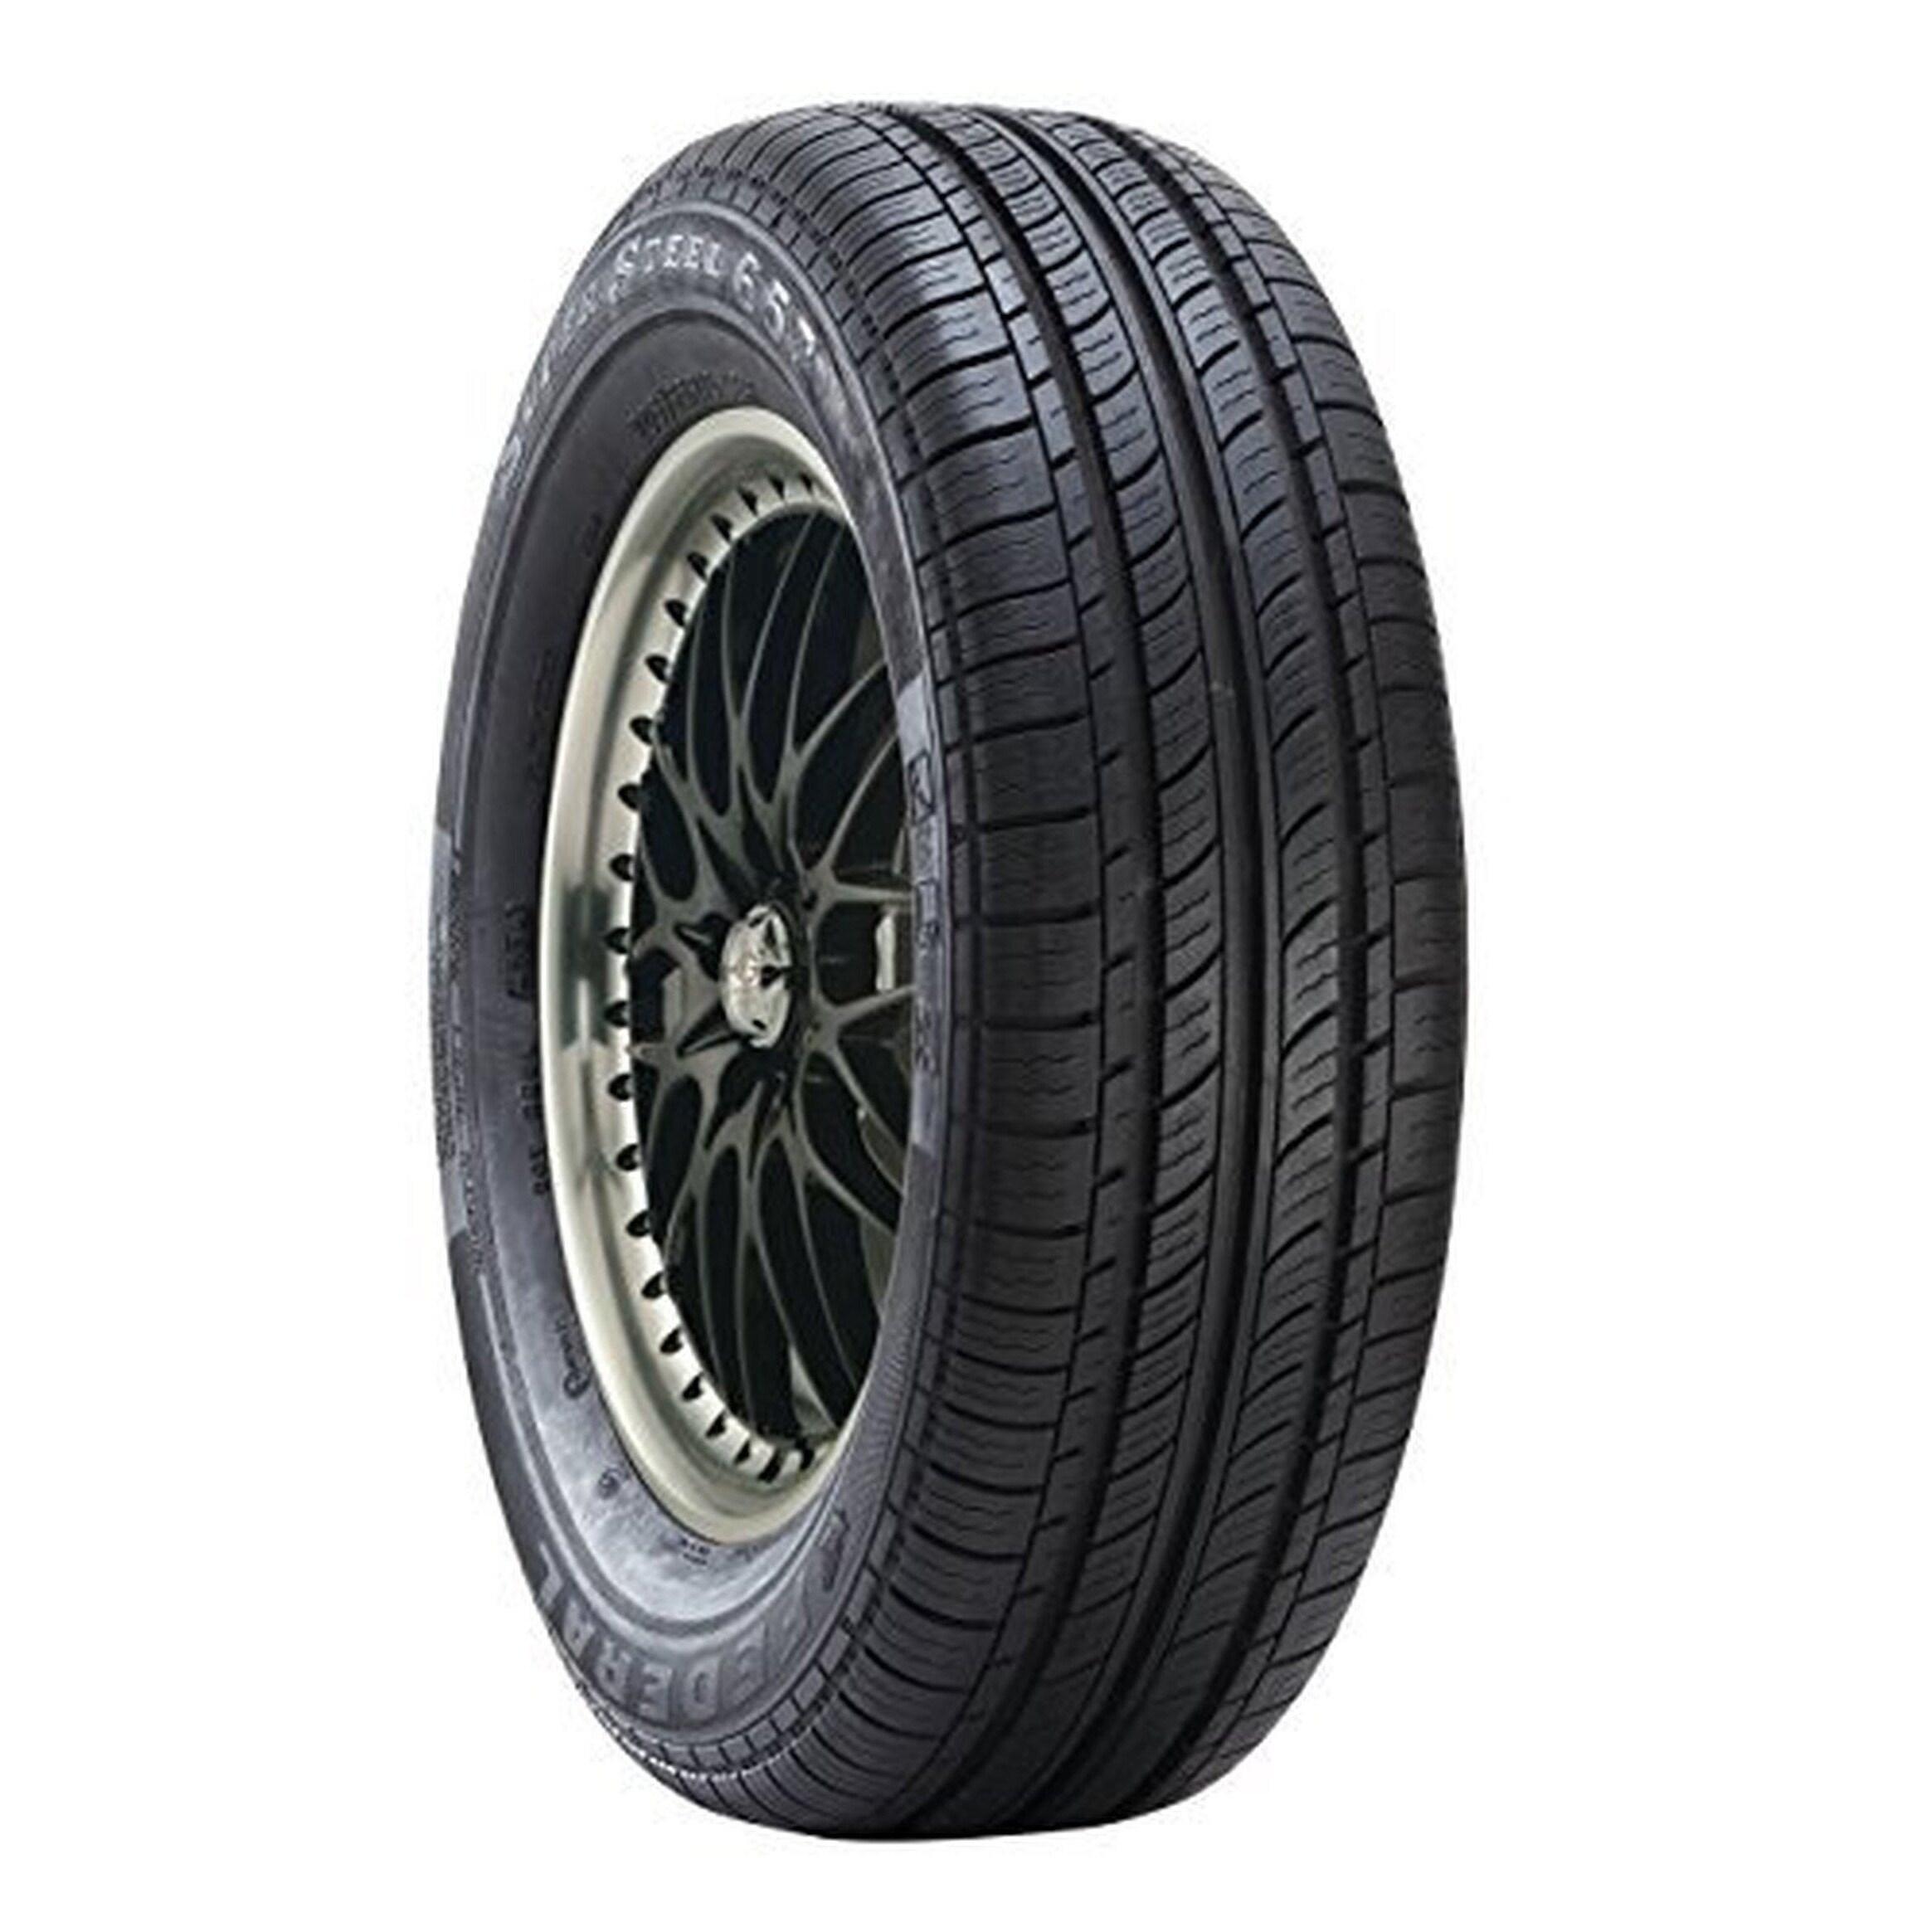 Federal  Premium SS657 All Season Tire - 165/80R15 87T (B...